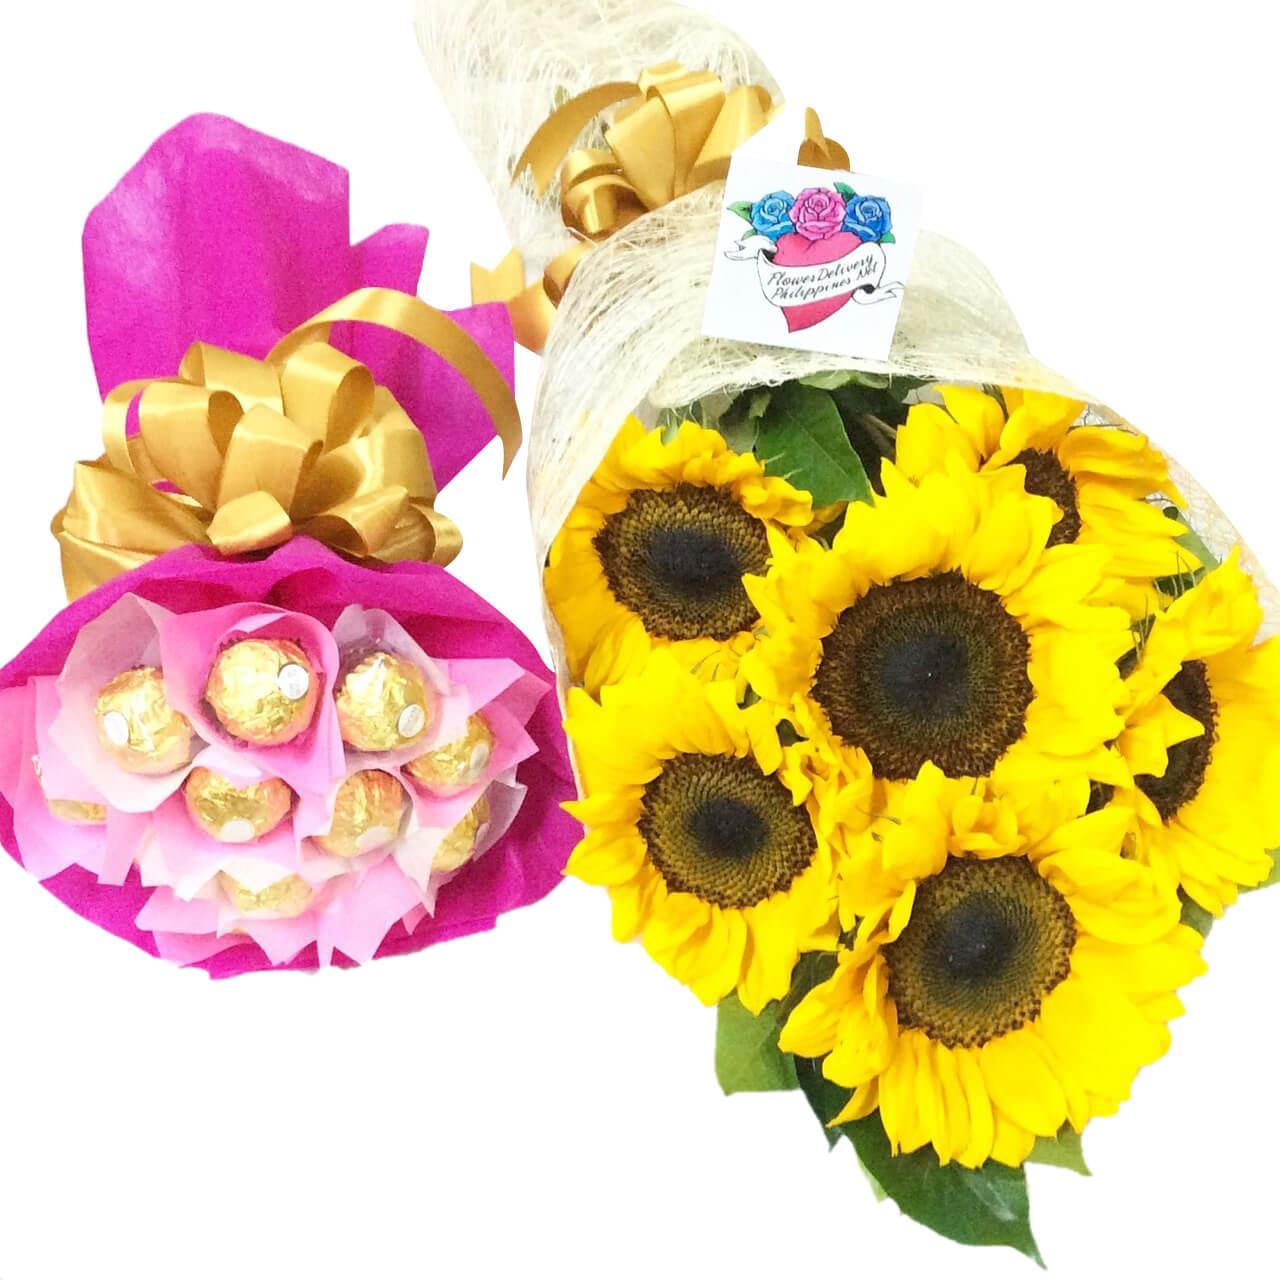 Sunflowers & Ferrero Bouquet Package - Best Seller!